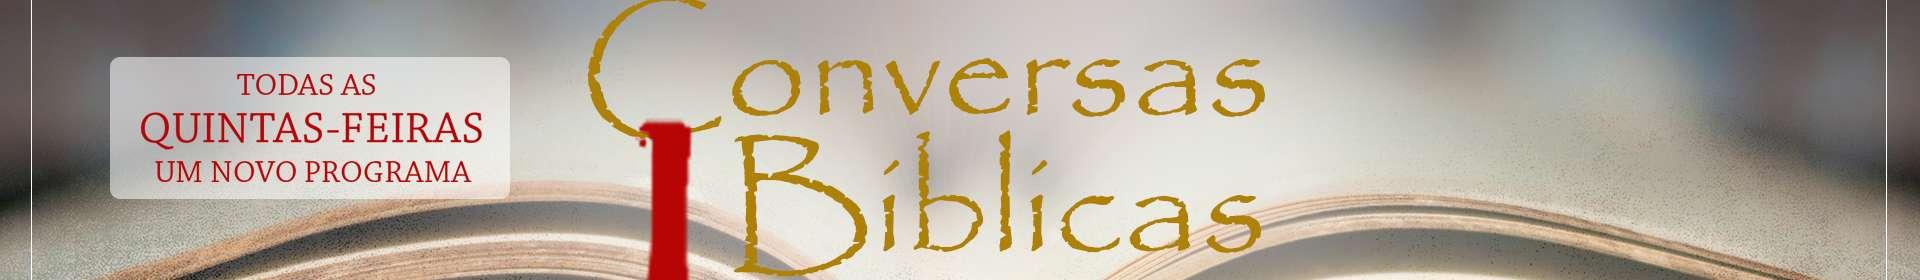 Conversas Bíblicas: História da Igreja Cristã Maranata - Parte 3